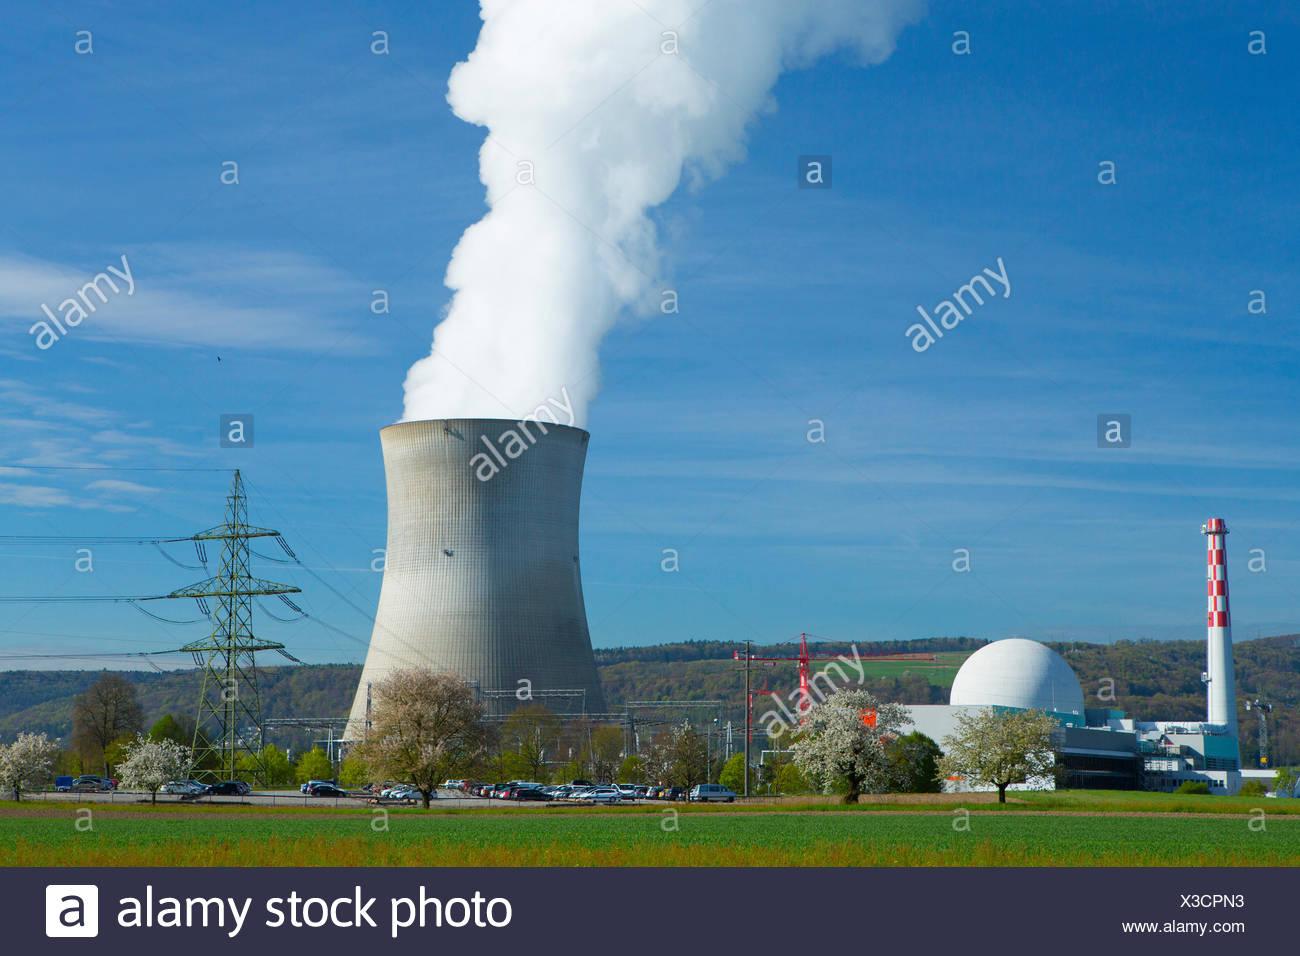 KKW, nuclear power plant, Leibstadt, Atomkraftwerk, Rhine, spring, canton, AG, Aargau, energy nuclear energy, Switzerland, Europ - Stock Image